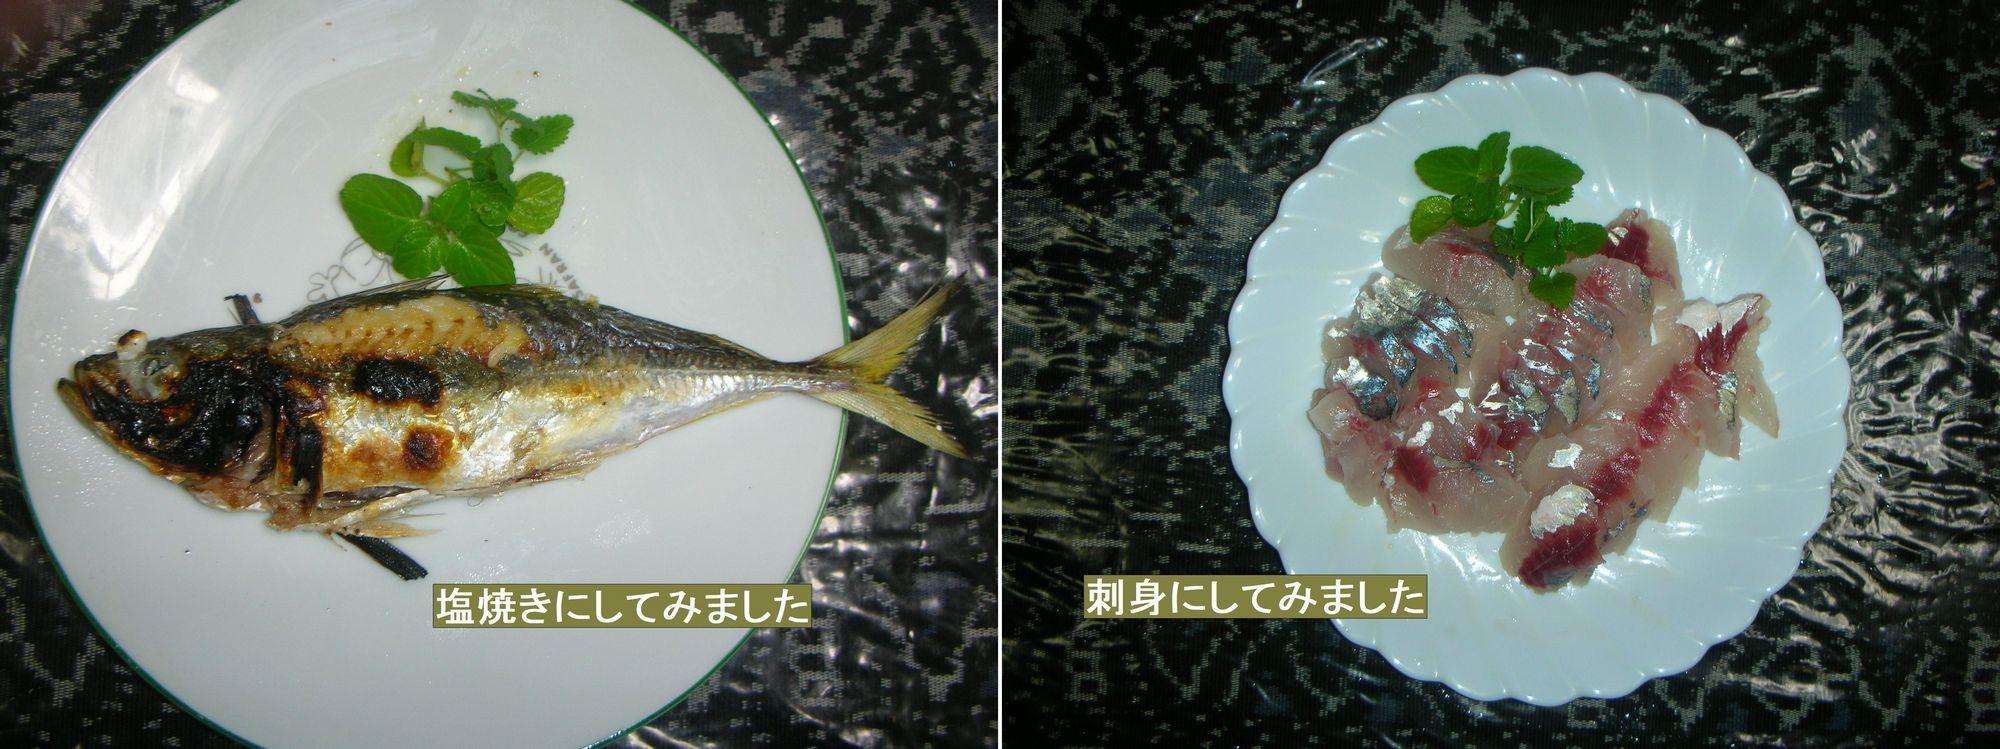 ヤザワ渡船にてアジ釣り(2020-11-17)_a0016431_14410742.jpg